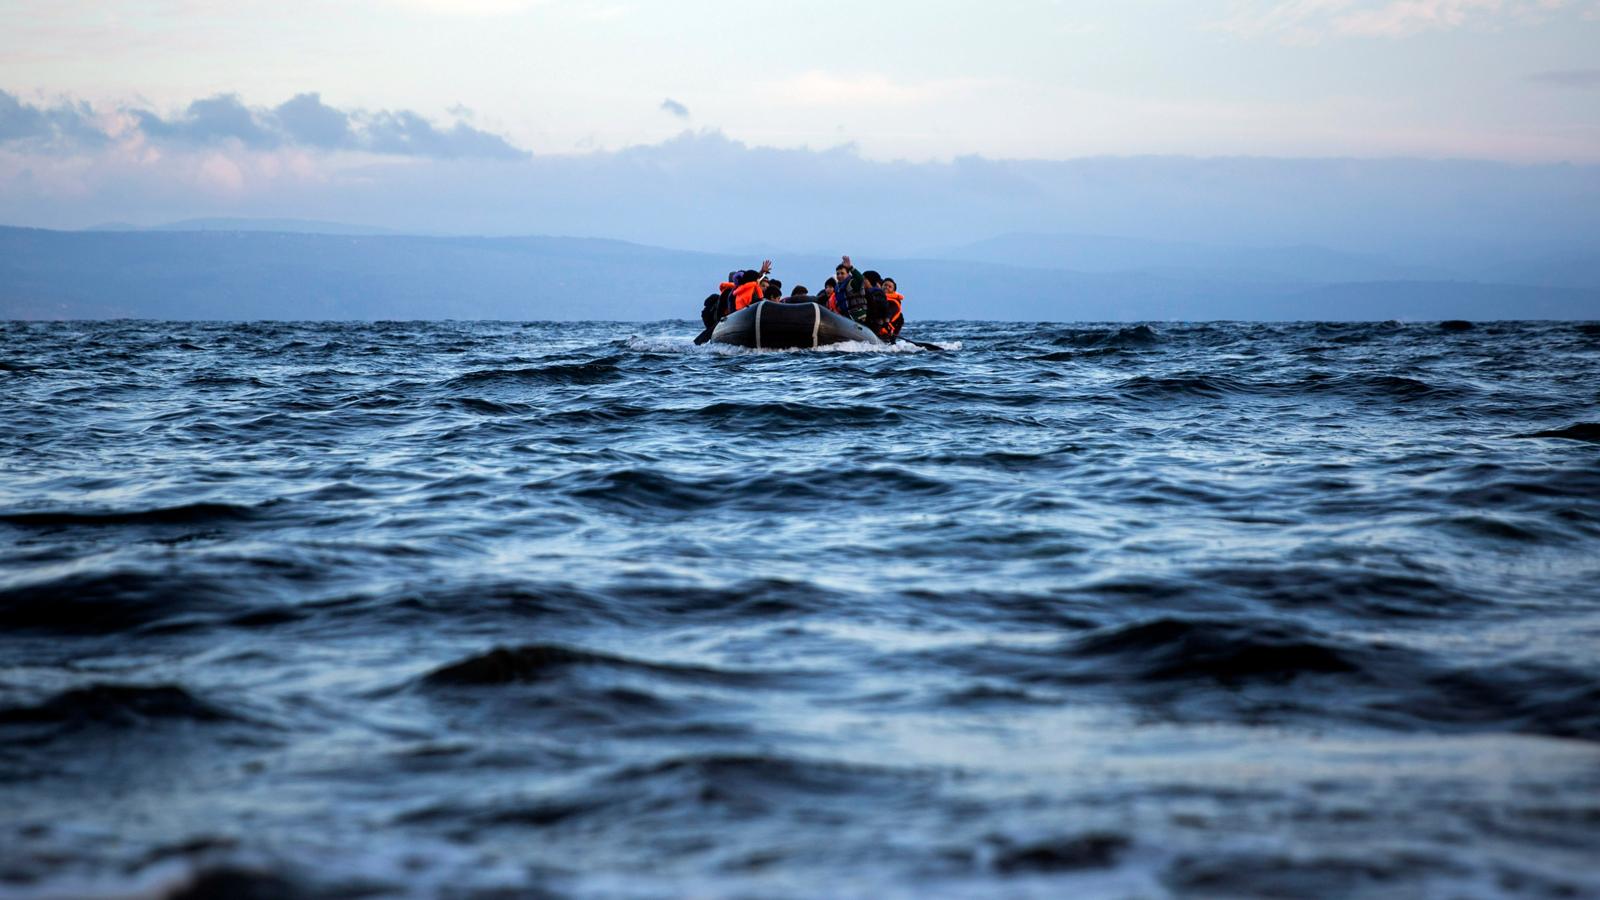 5 πρόσφυγες νεκροί σε ναυάγιο ανοιχτά της Σμύρνης | to10.gr